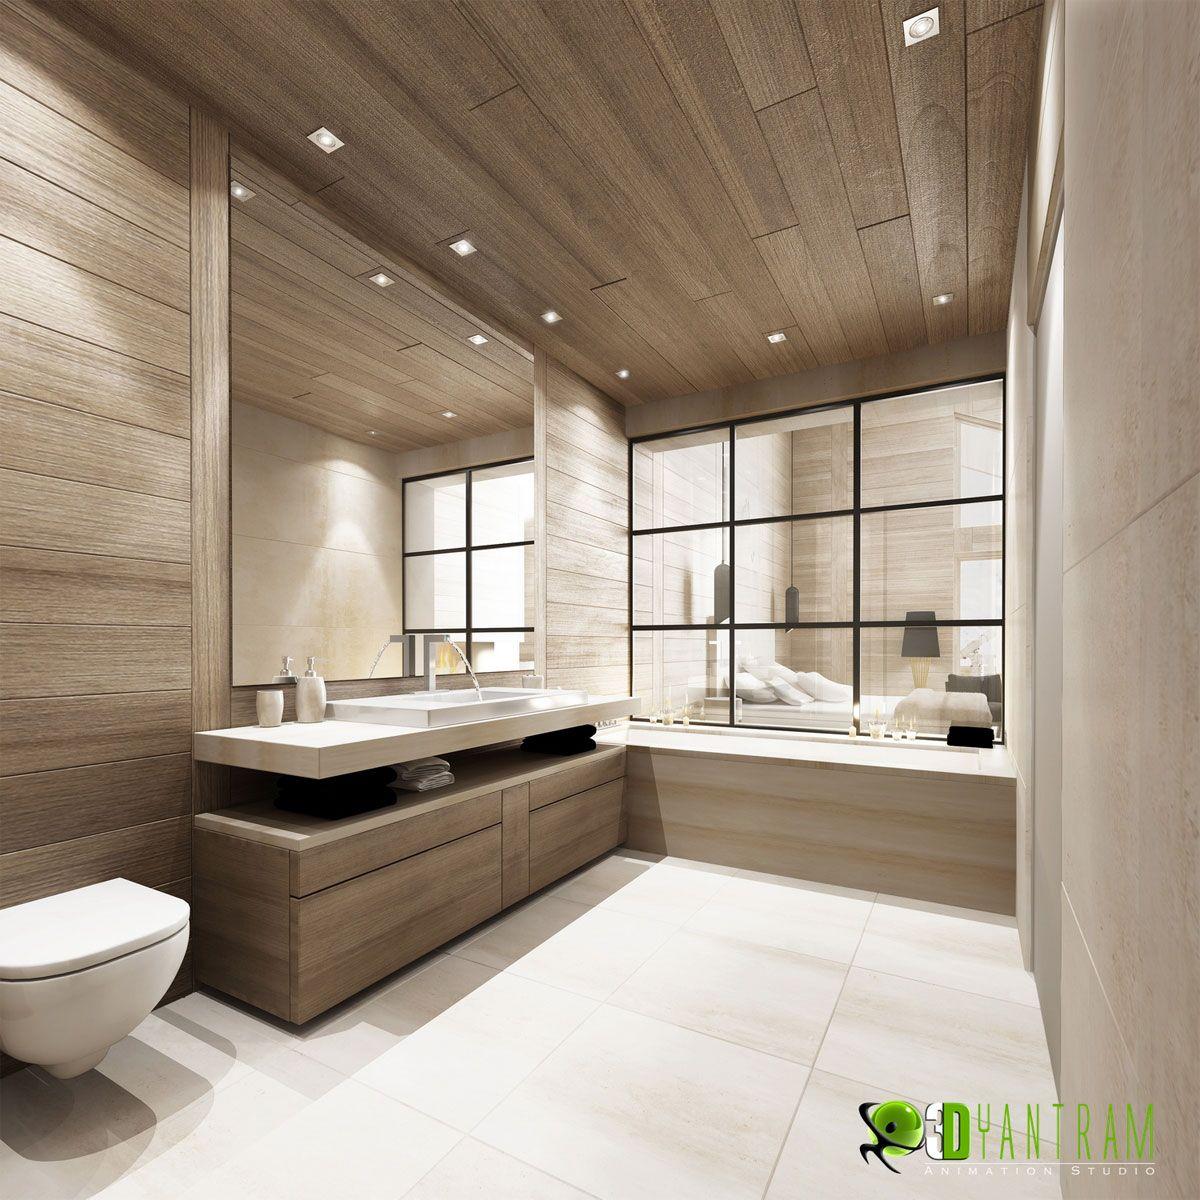 Interior 3d Rendering Cgi Design Animation Interior Design Software Bathroom Interior Design Bathroom Design